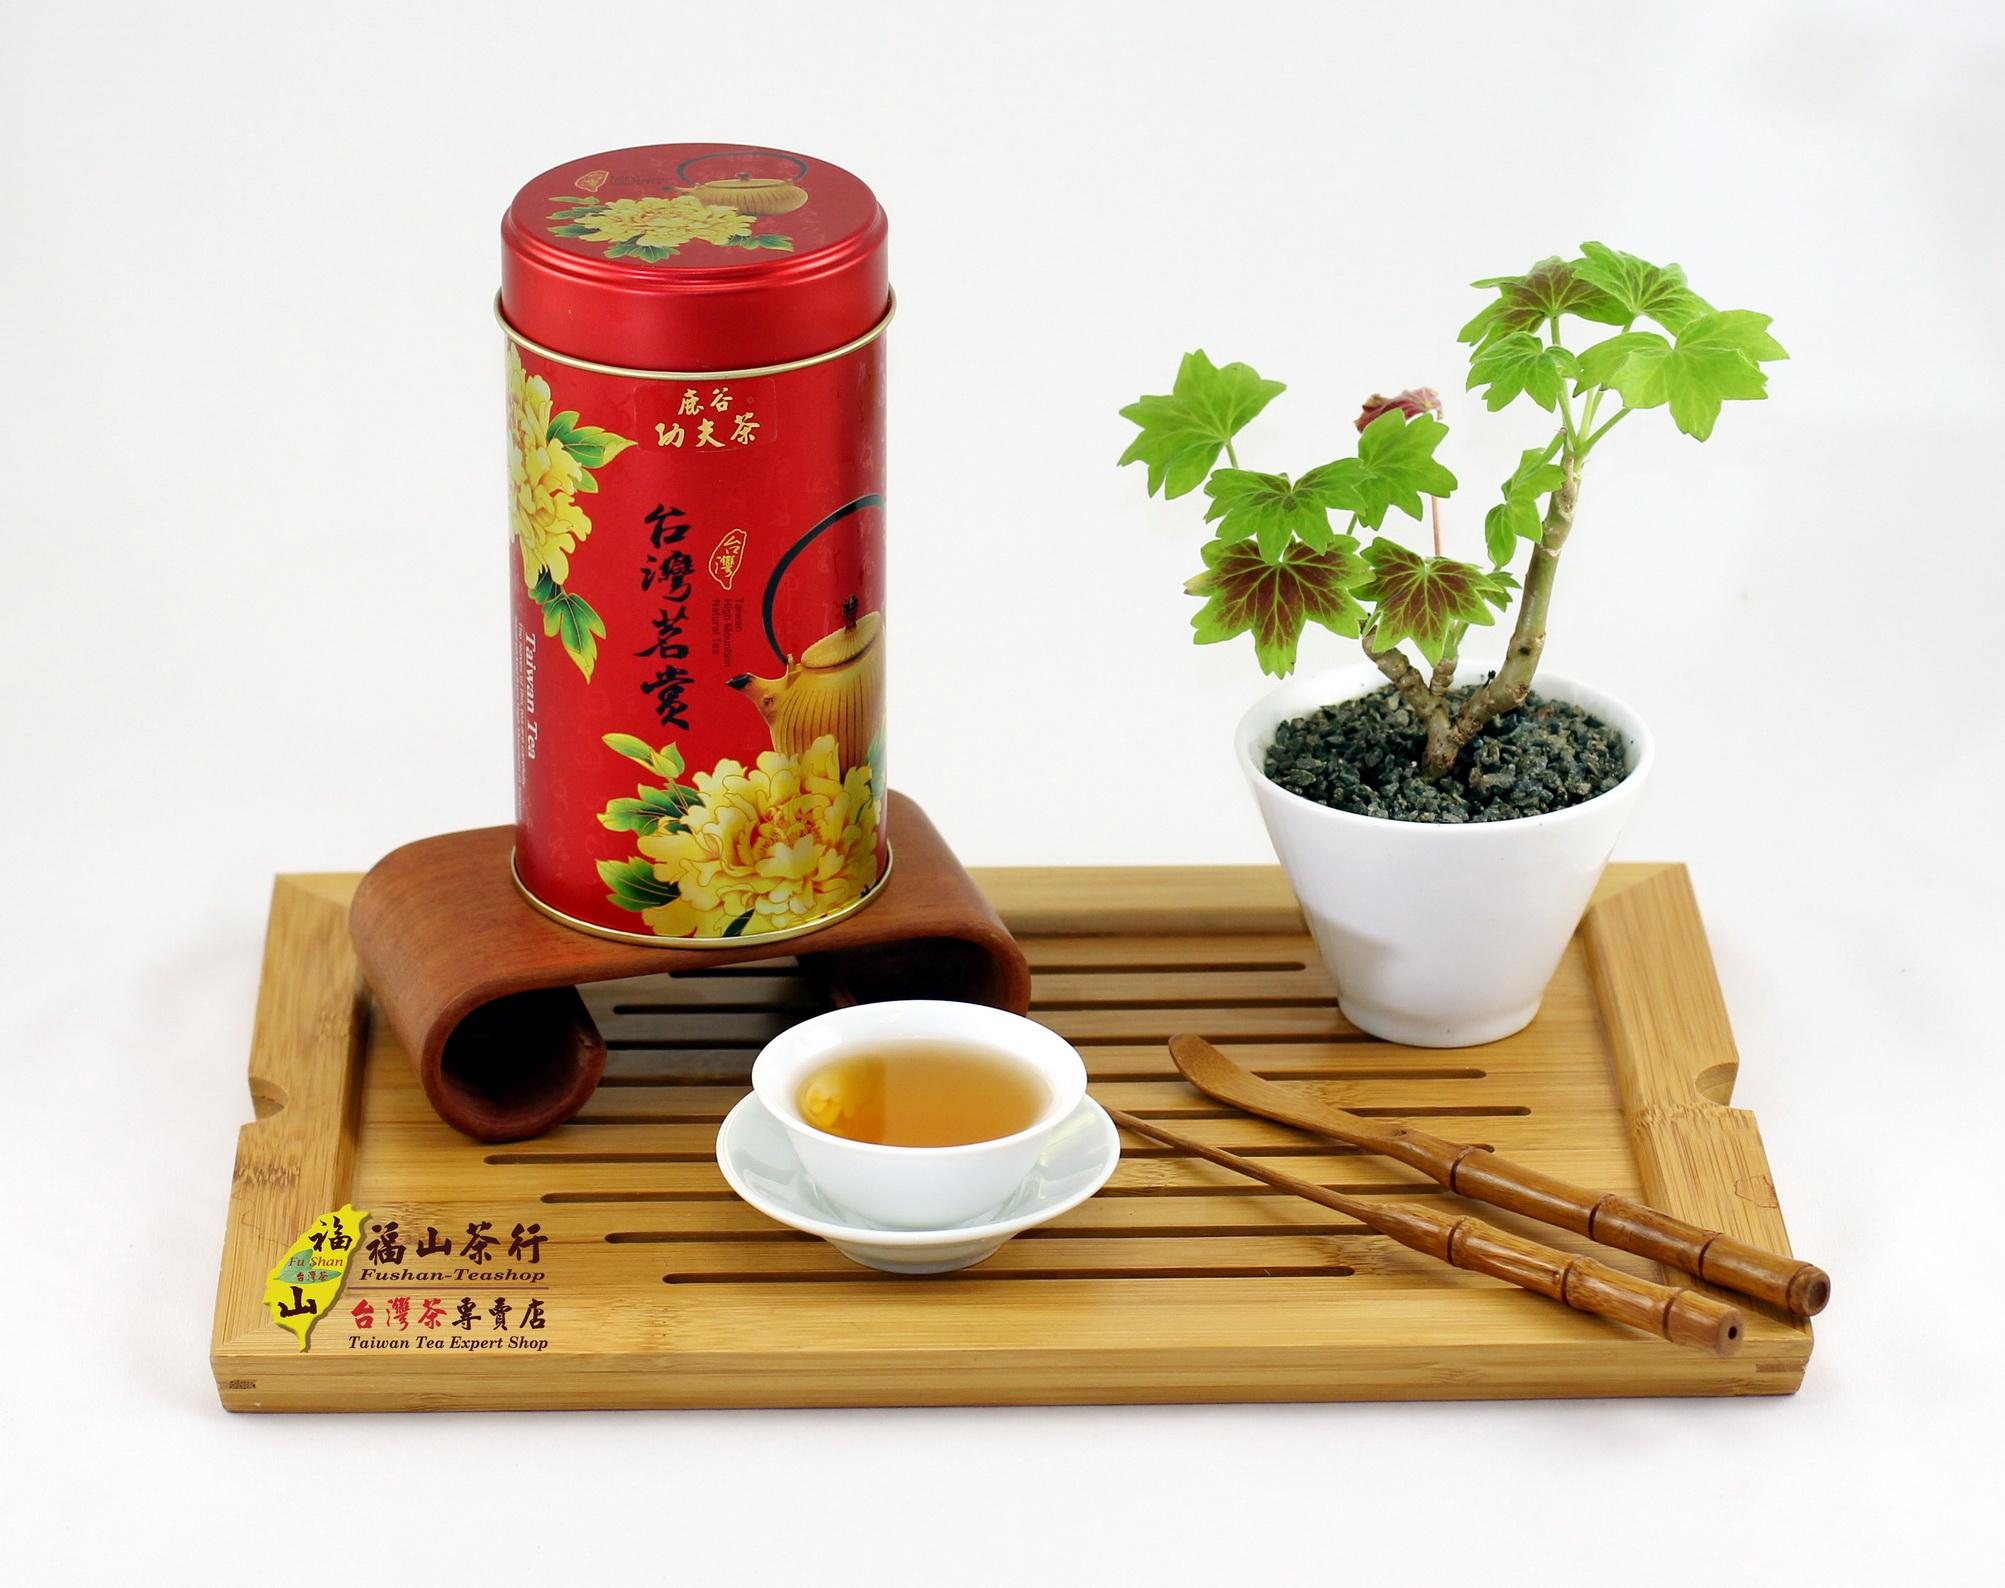 鹿谷功夫茶1斤【濃郁型】